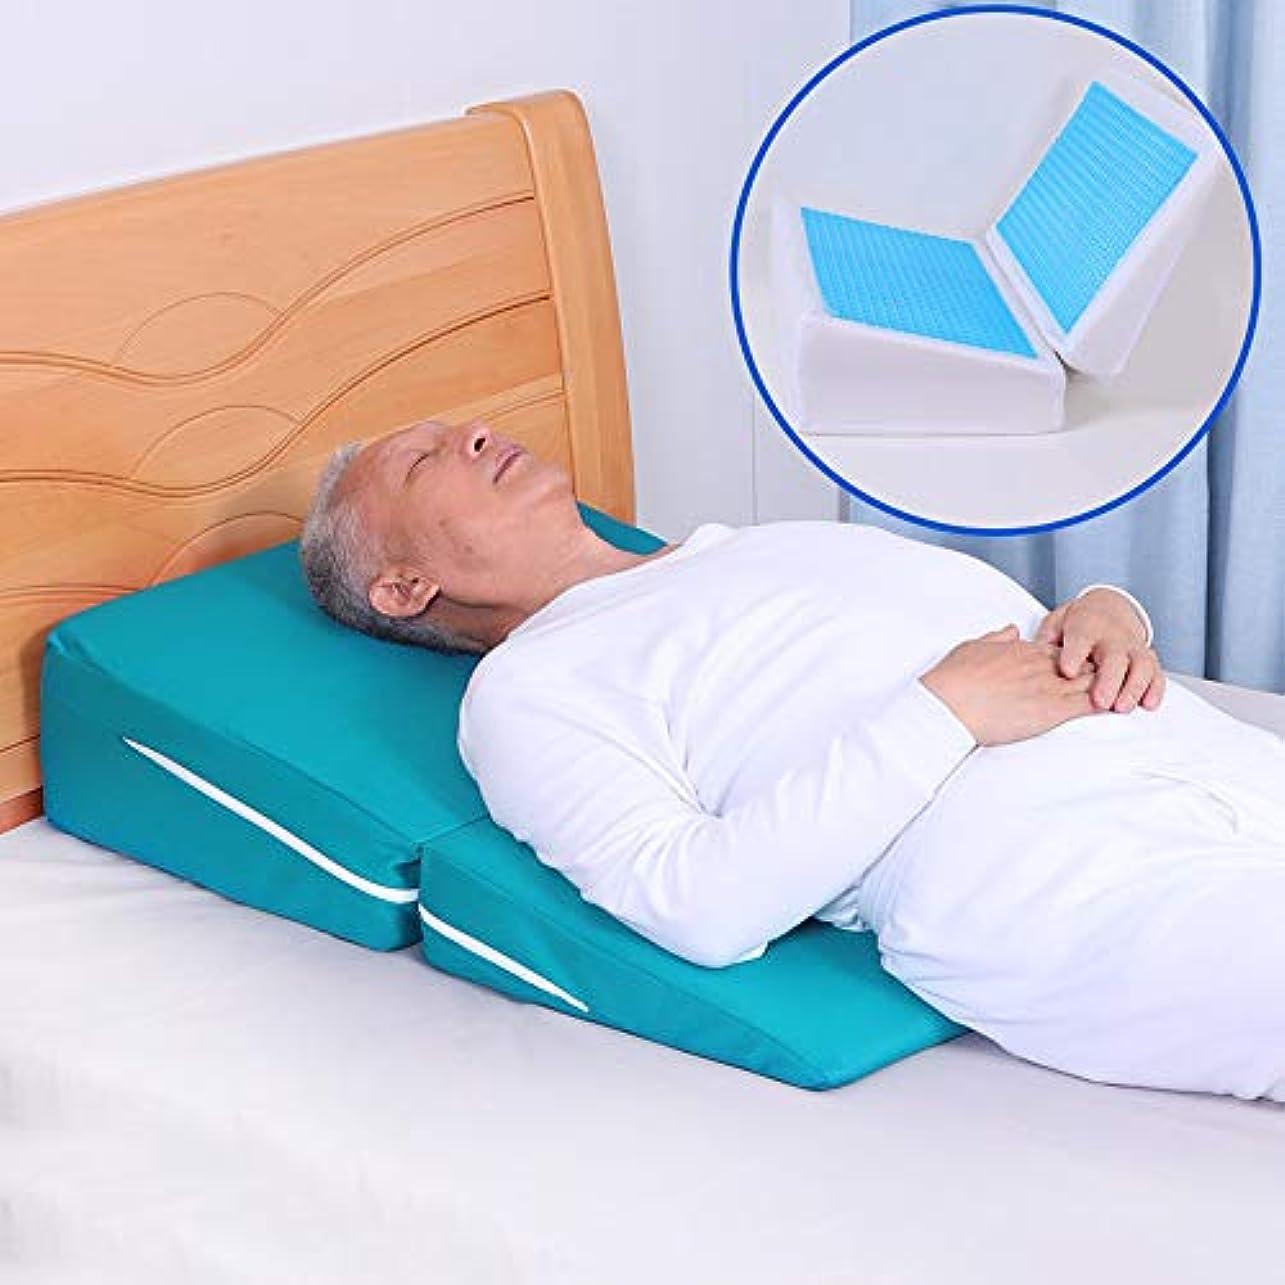 優しさ推定する口頭いびき防止、ハートバーン、読書、腰痛、腰痛のための折りたたみ式メモリフォームベッドウェッジピロー-取り外し可能なカバー付きインクラインクッション